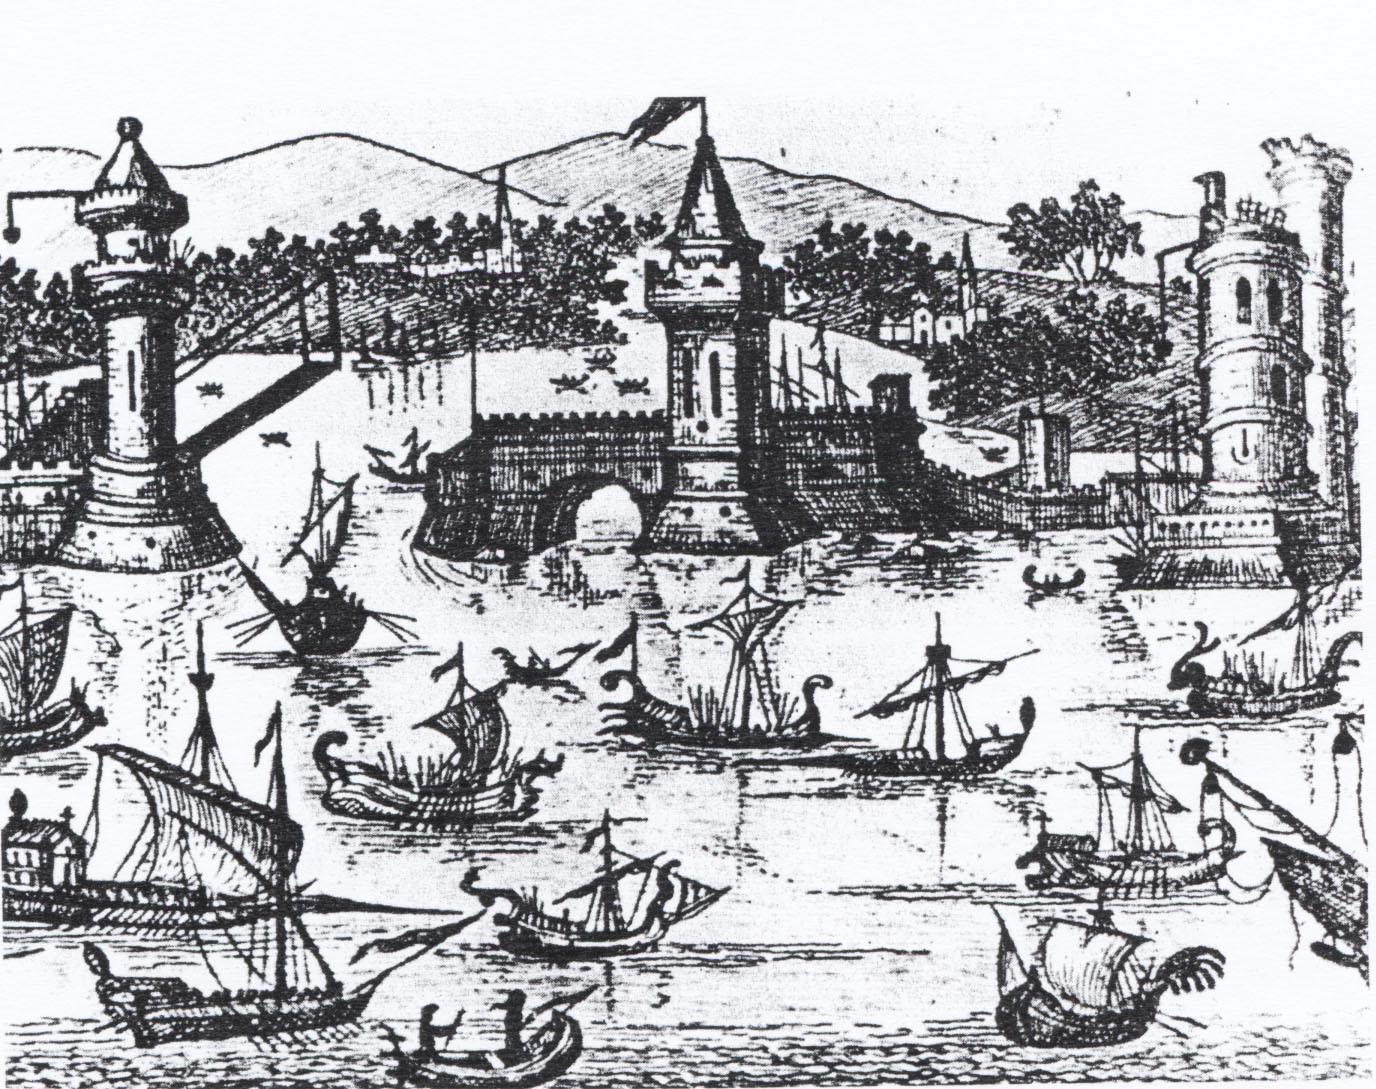 Storia navale: Pisa e gli Arabi – parte II di Gabriele Campagnano